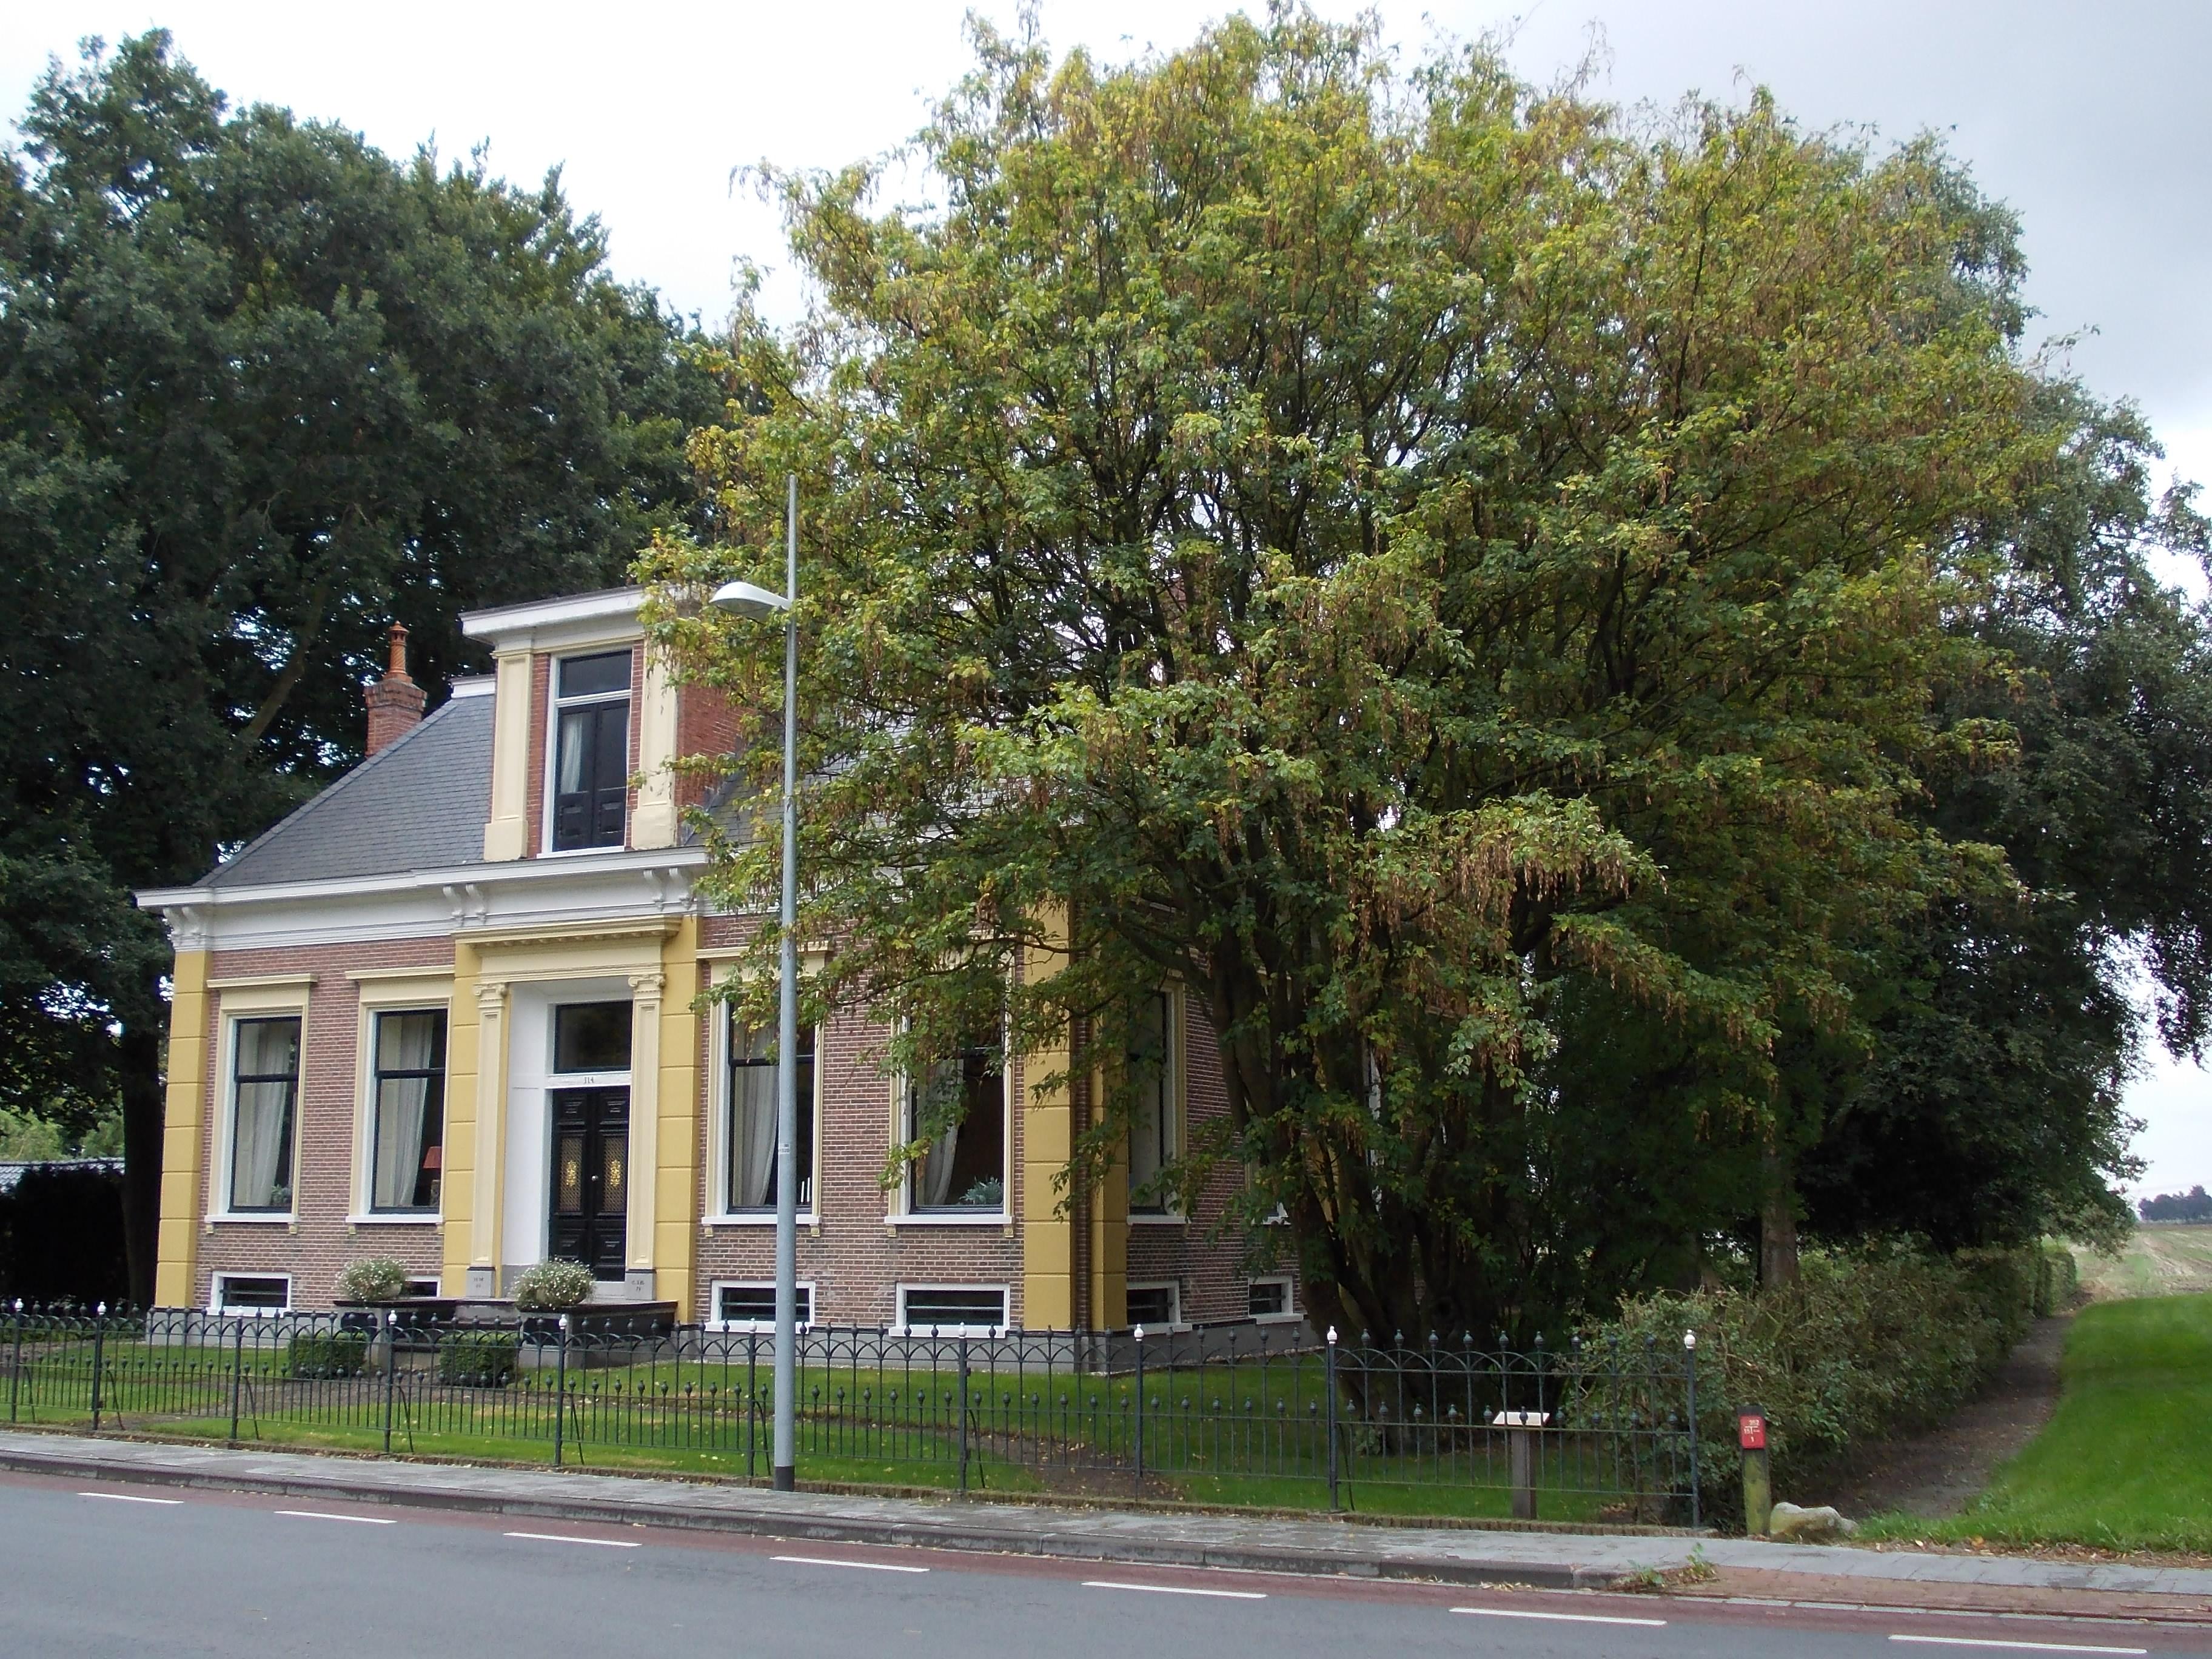 Rentenierswoning met aangebouwd achterhuis in meeden monument